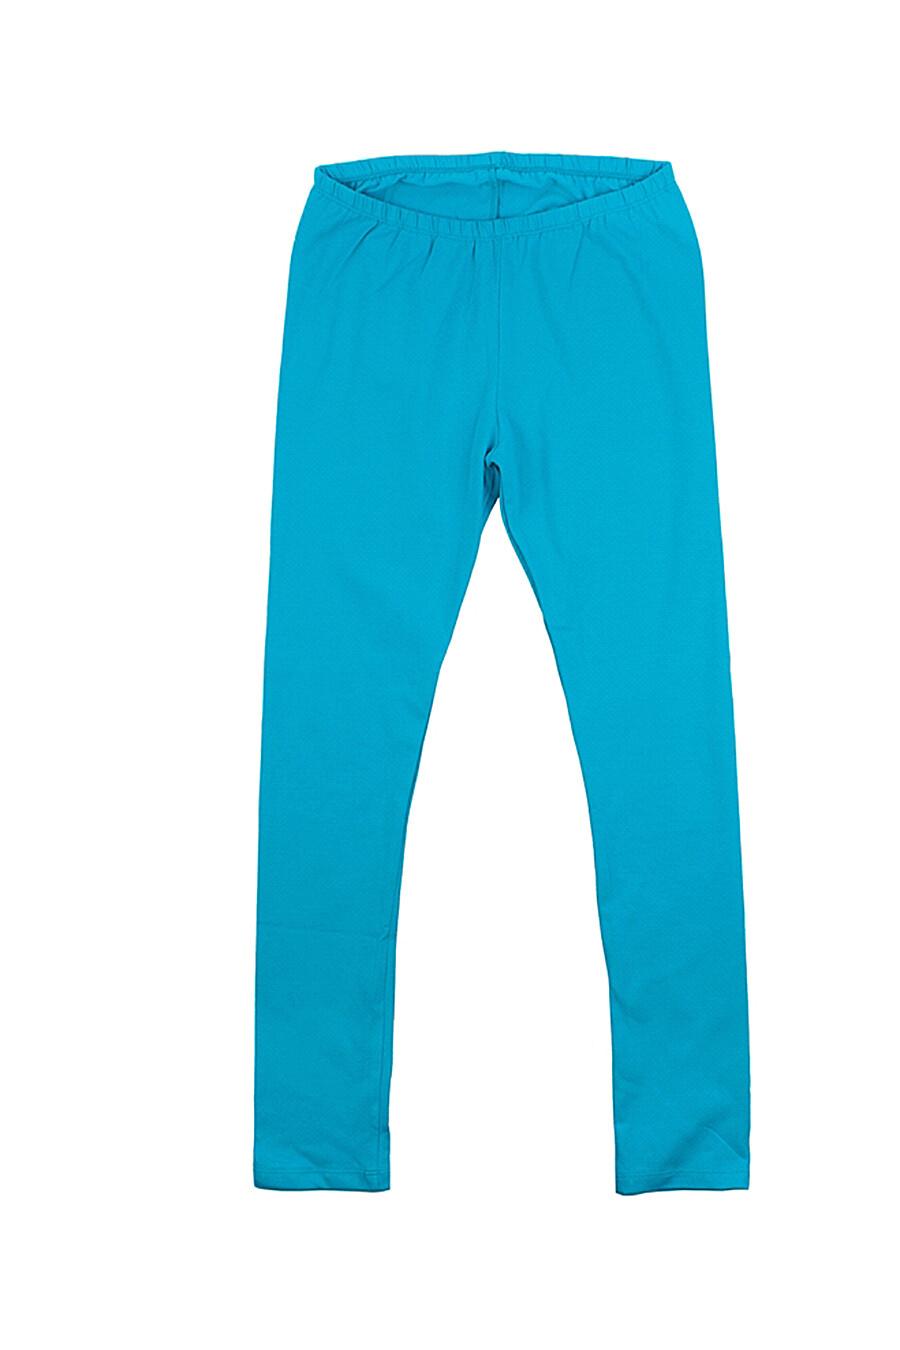 Рейтузы для женщин Archi 130644 купить оптом от производителя. Совместная покупка женской одежды в OptMoyo